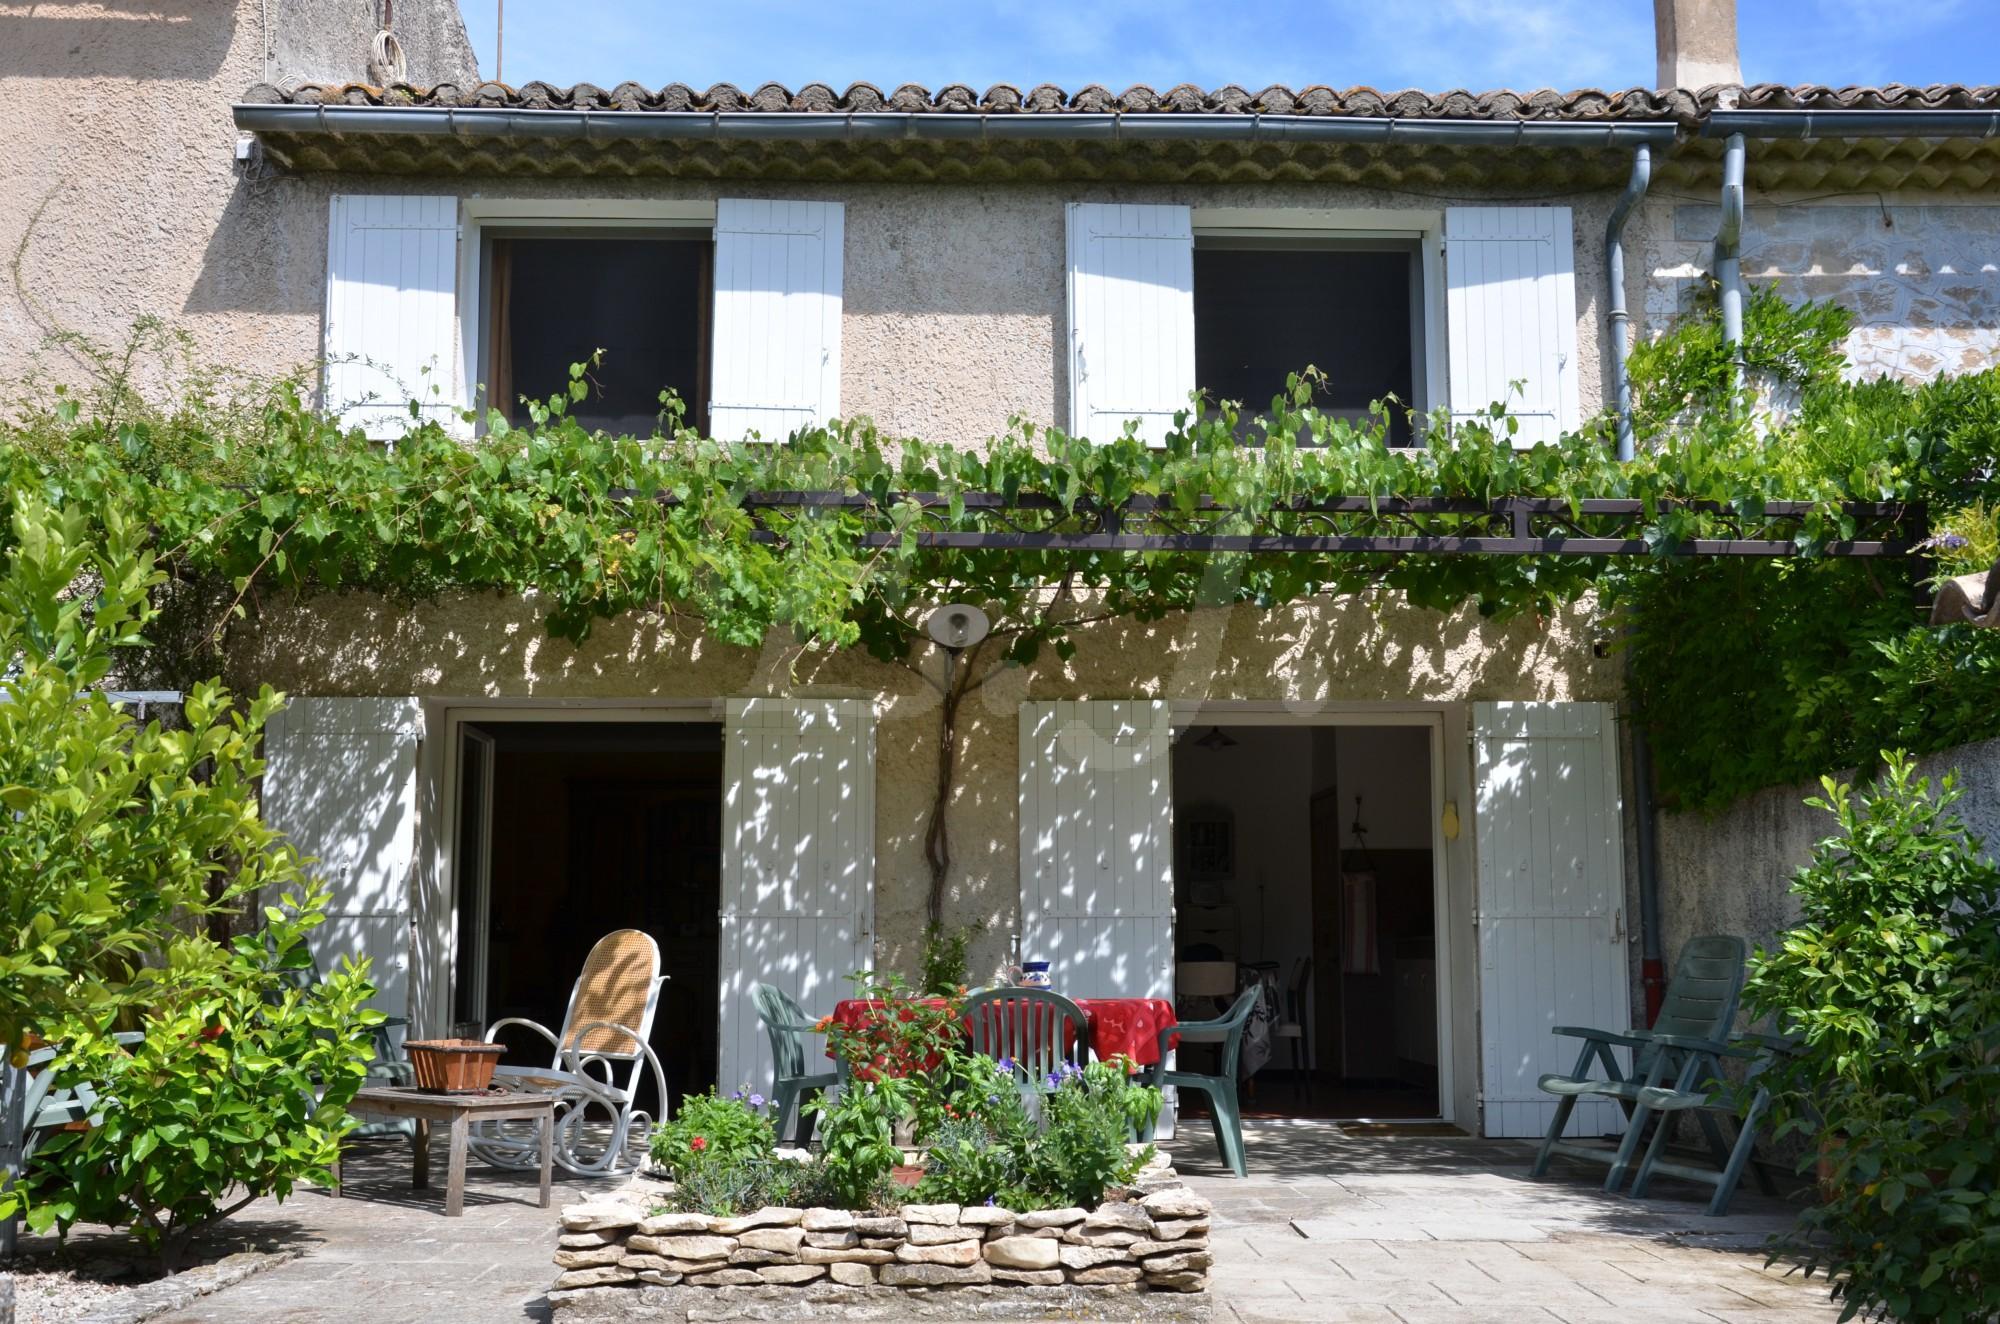 Ventes maison de village t3 f3 les taillades avec jardin for Site vente de maison